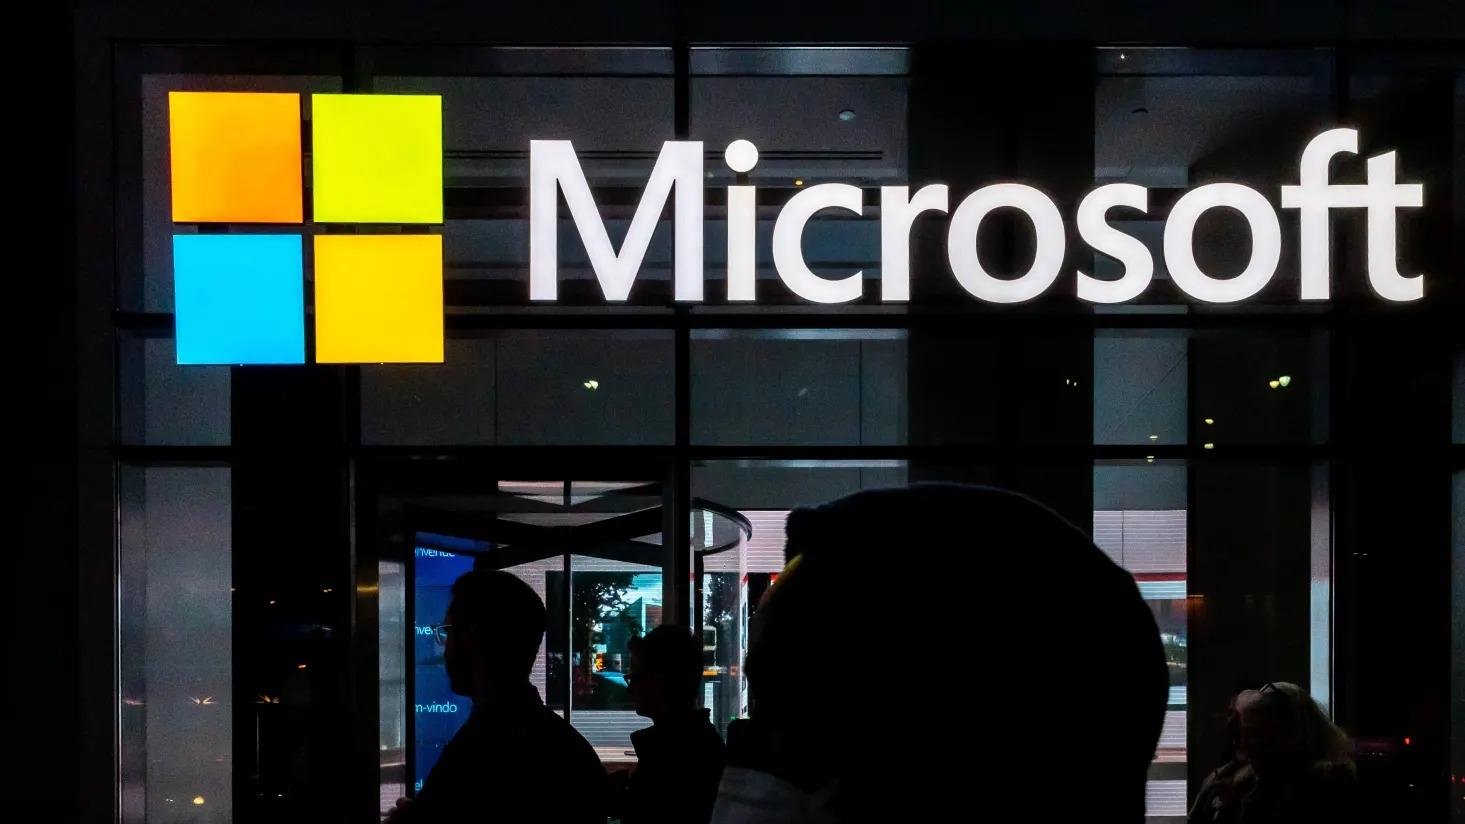 Microsoft sắp mua lại Nuance, công ty AI đứng sau trợ lí ảo Siri của Apple, ngã giá 16 tỷ USD